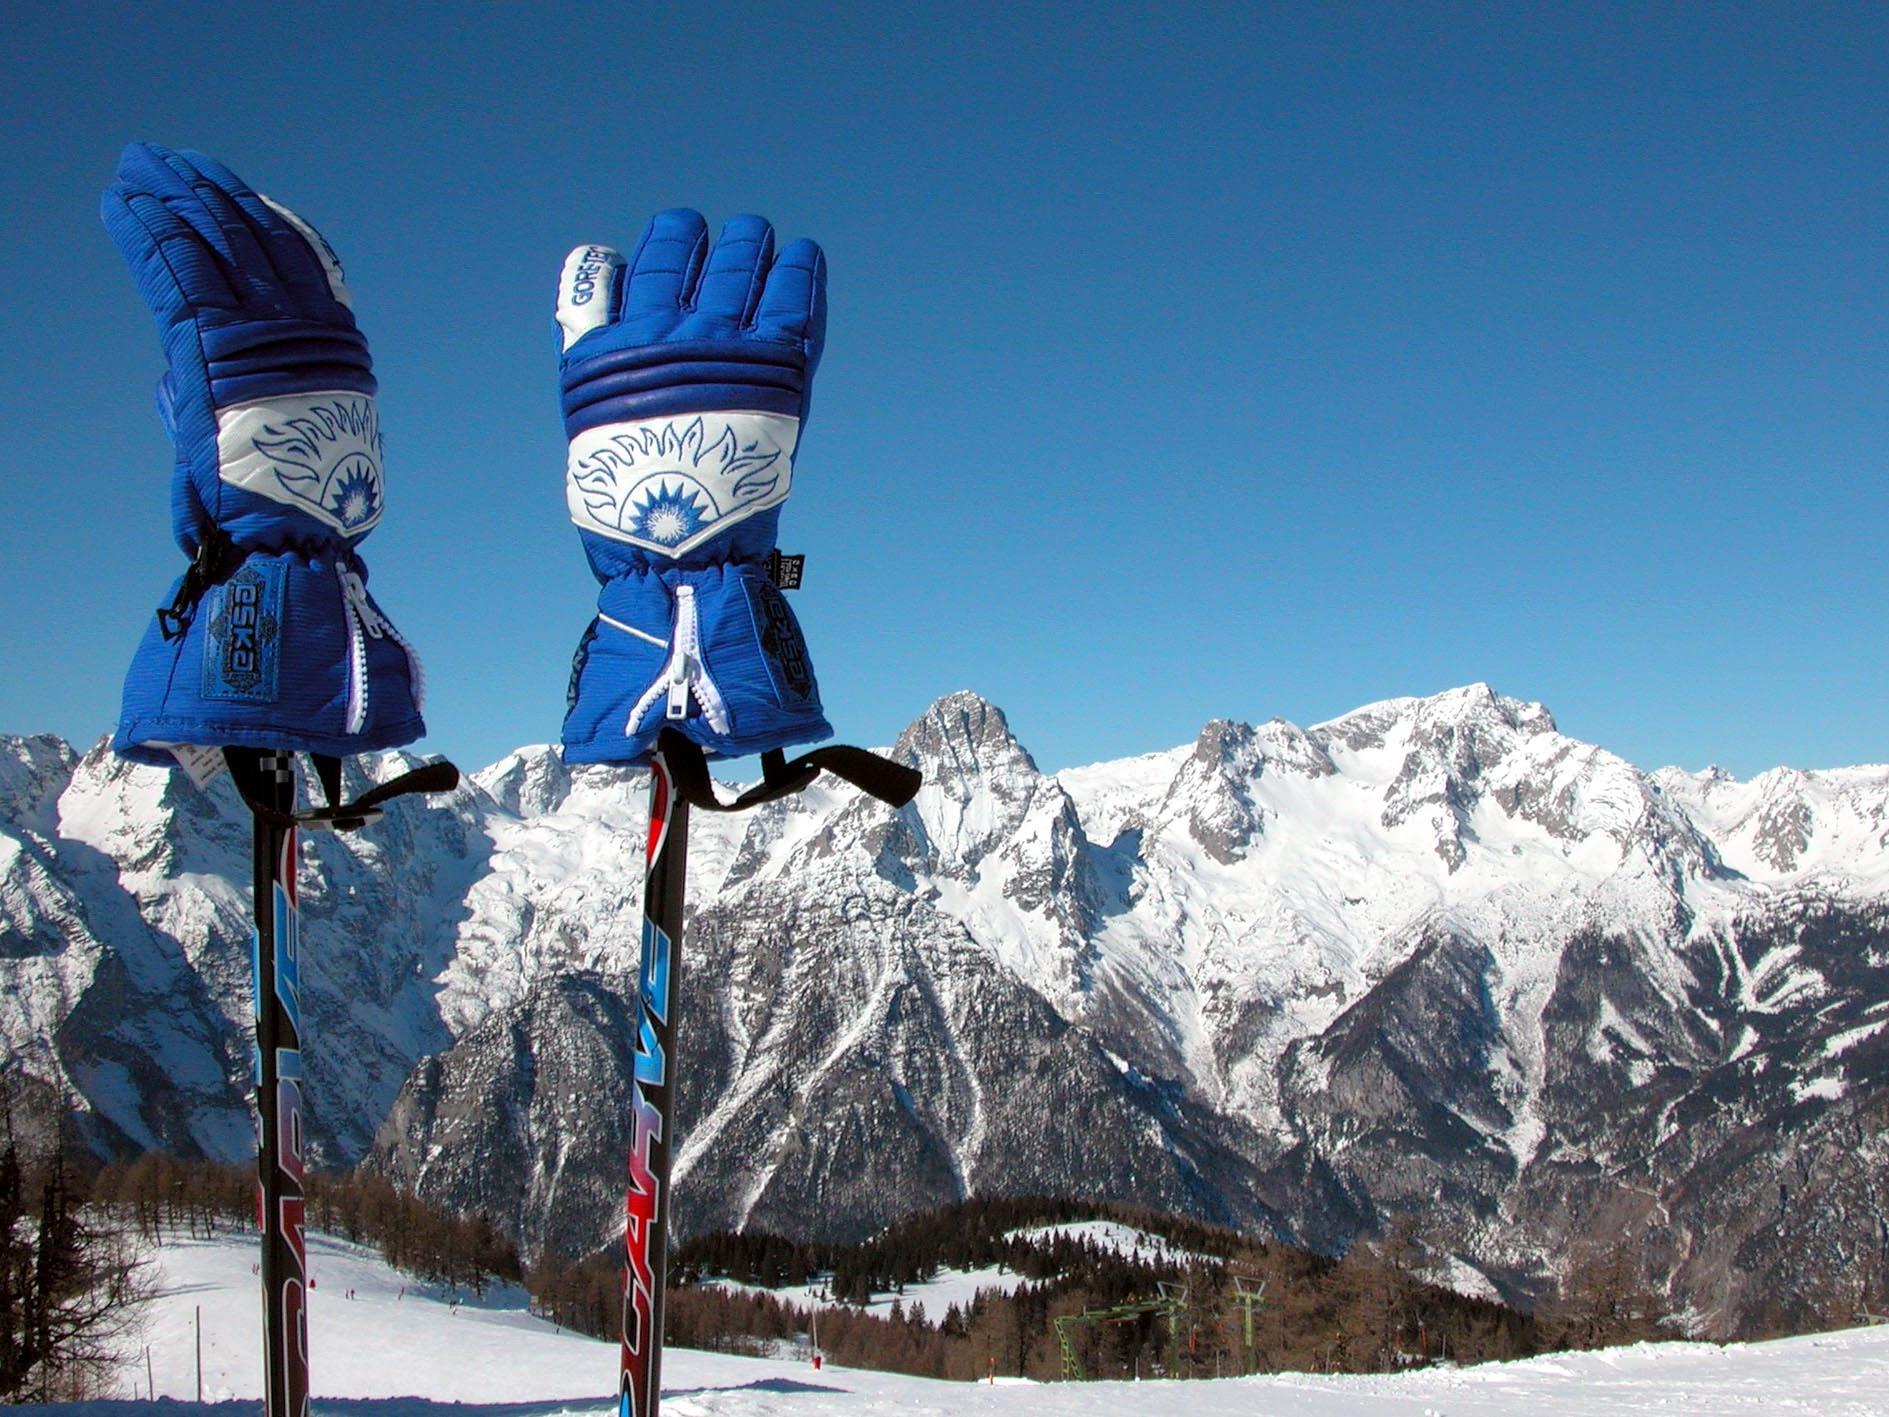 Drei schwer verletzte Wintersportler in Vorarlberg am Montag meldet die Polizei.